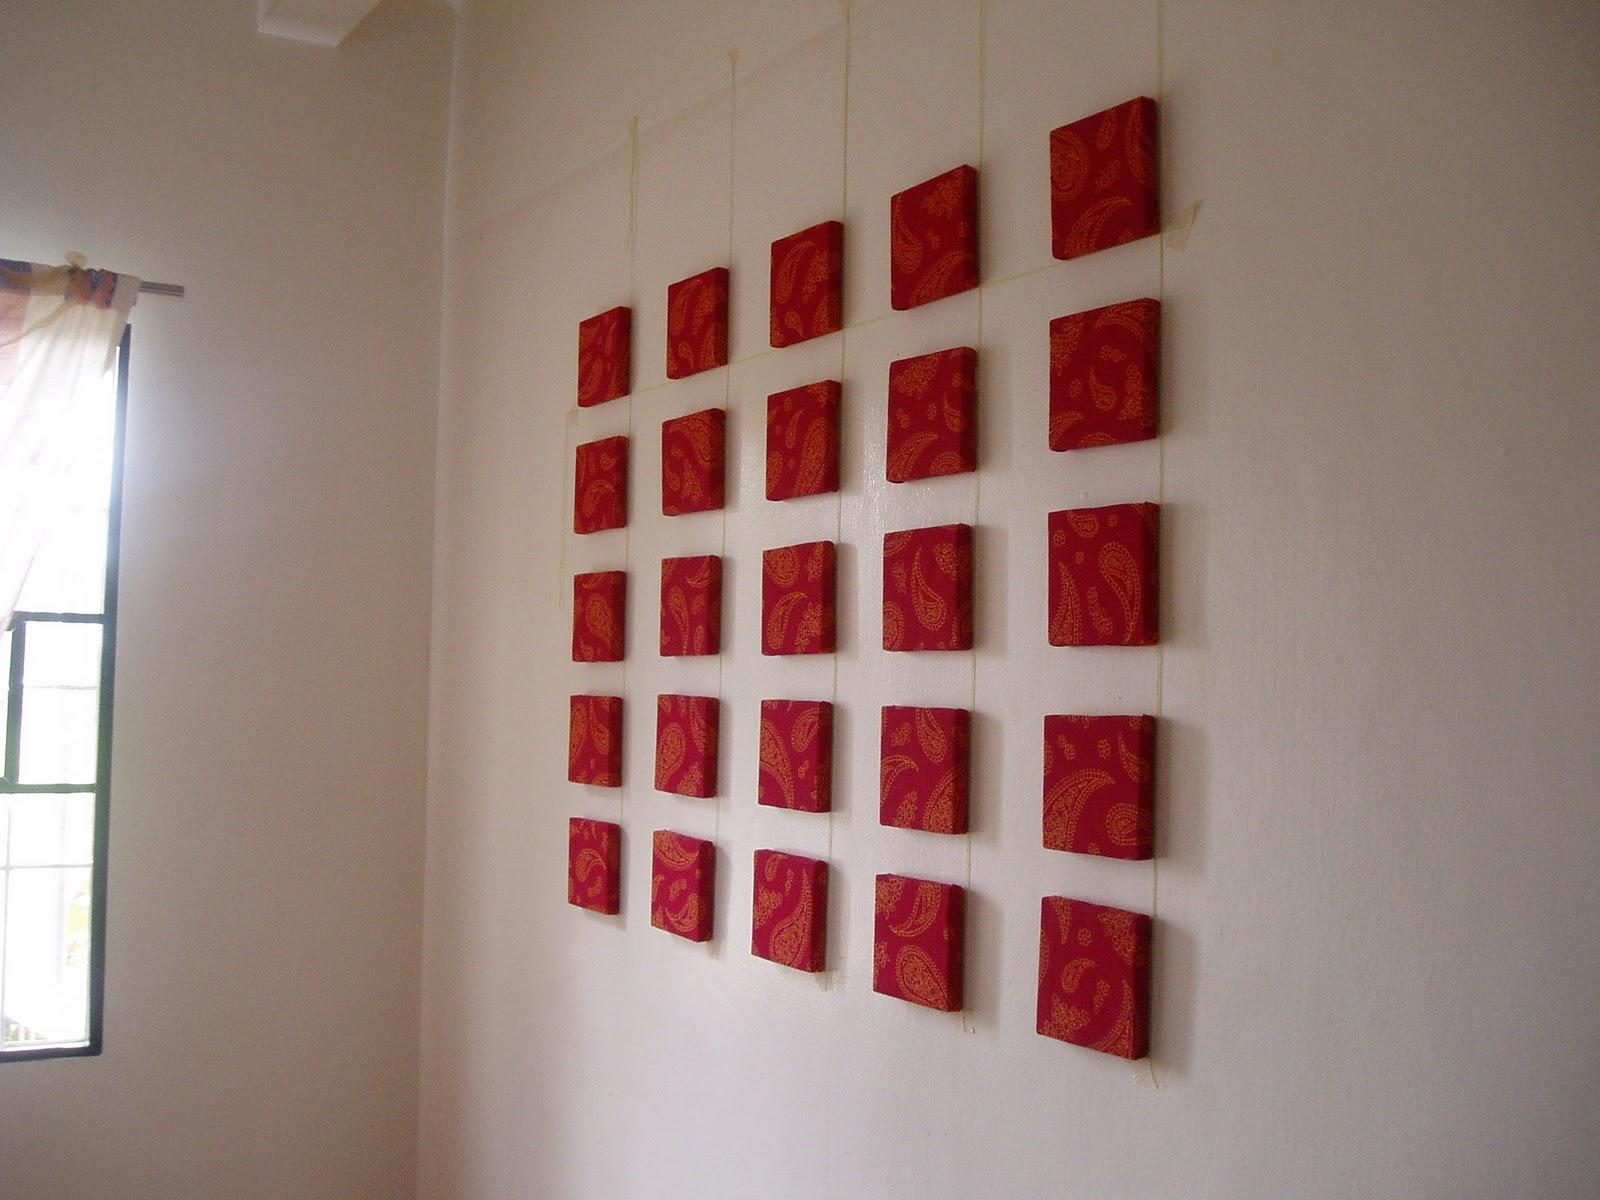 Sanguine Fiasco: Red Wall Decor